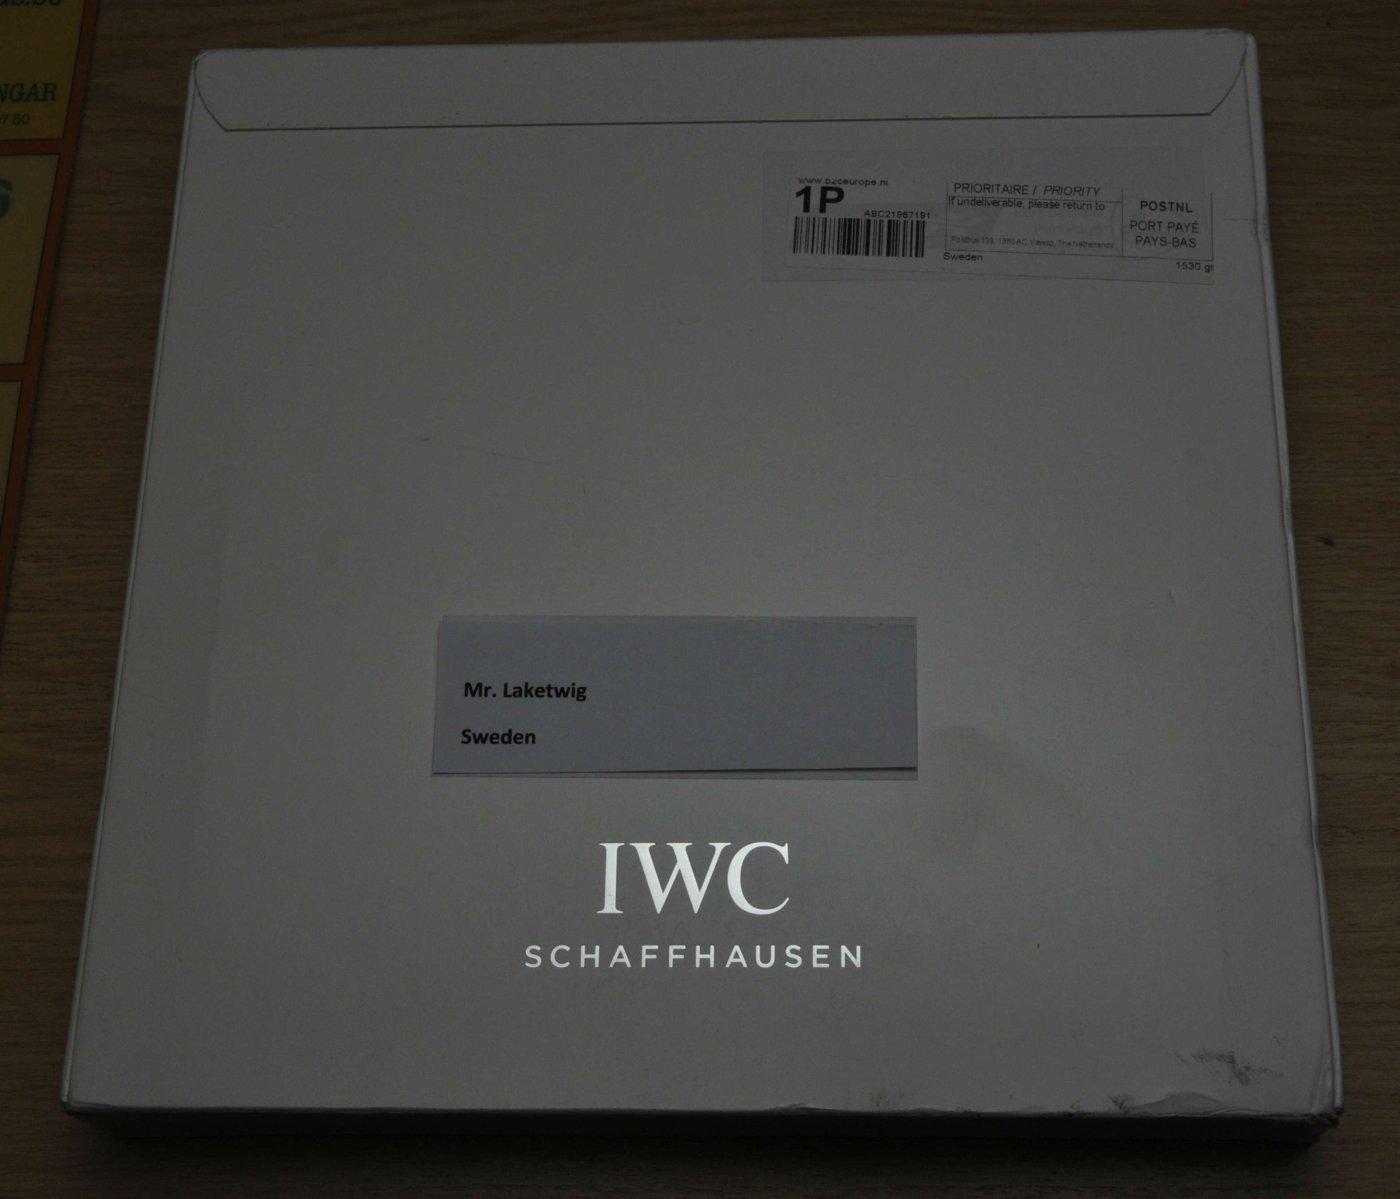 IWC-bok 1.jpg